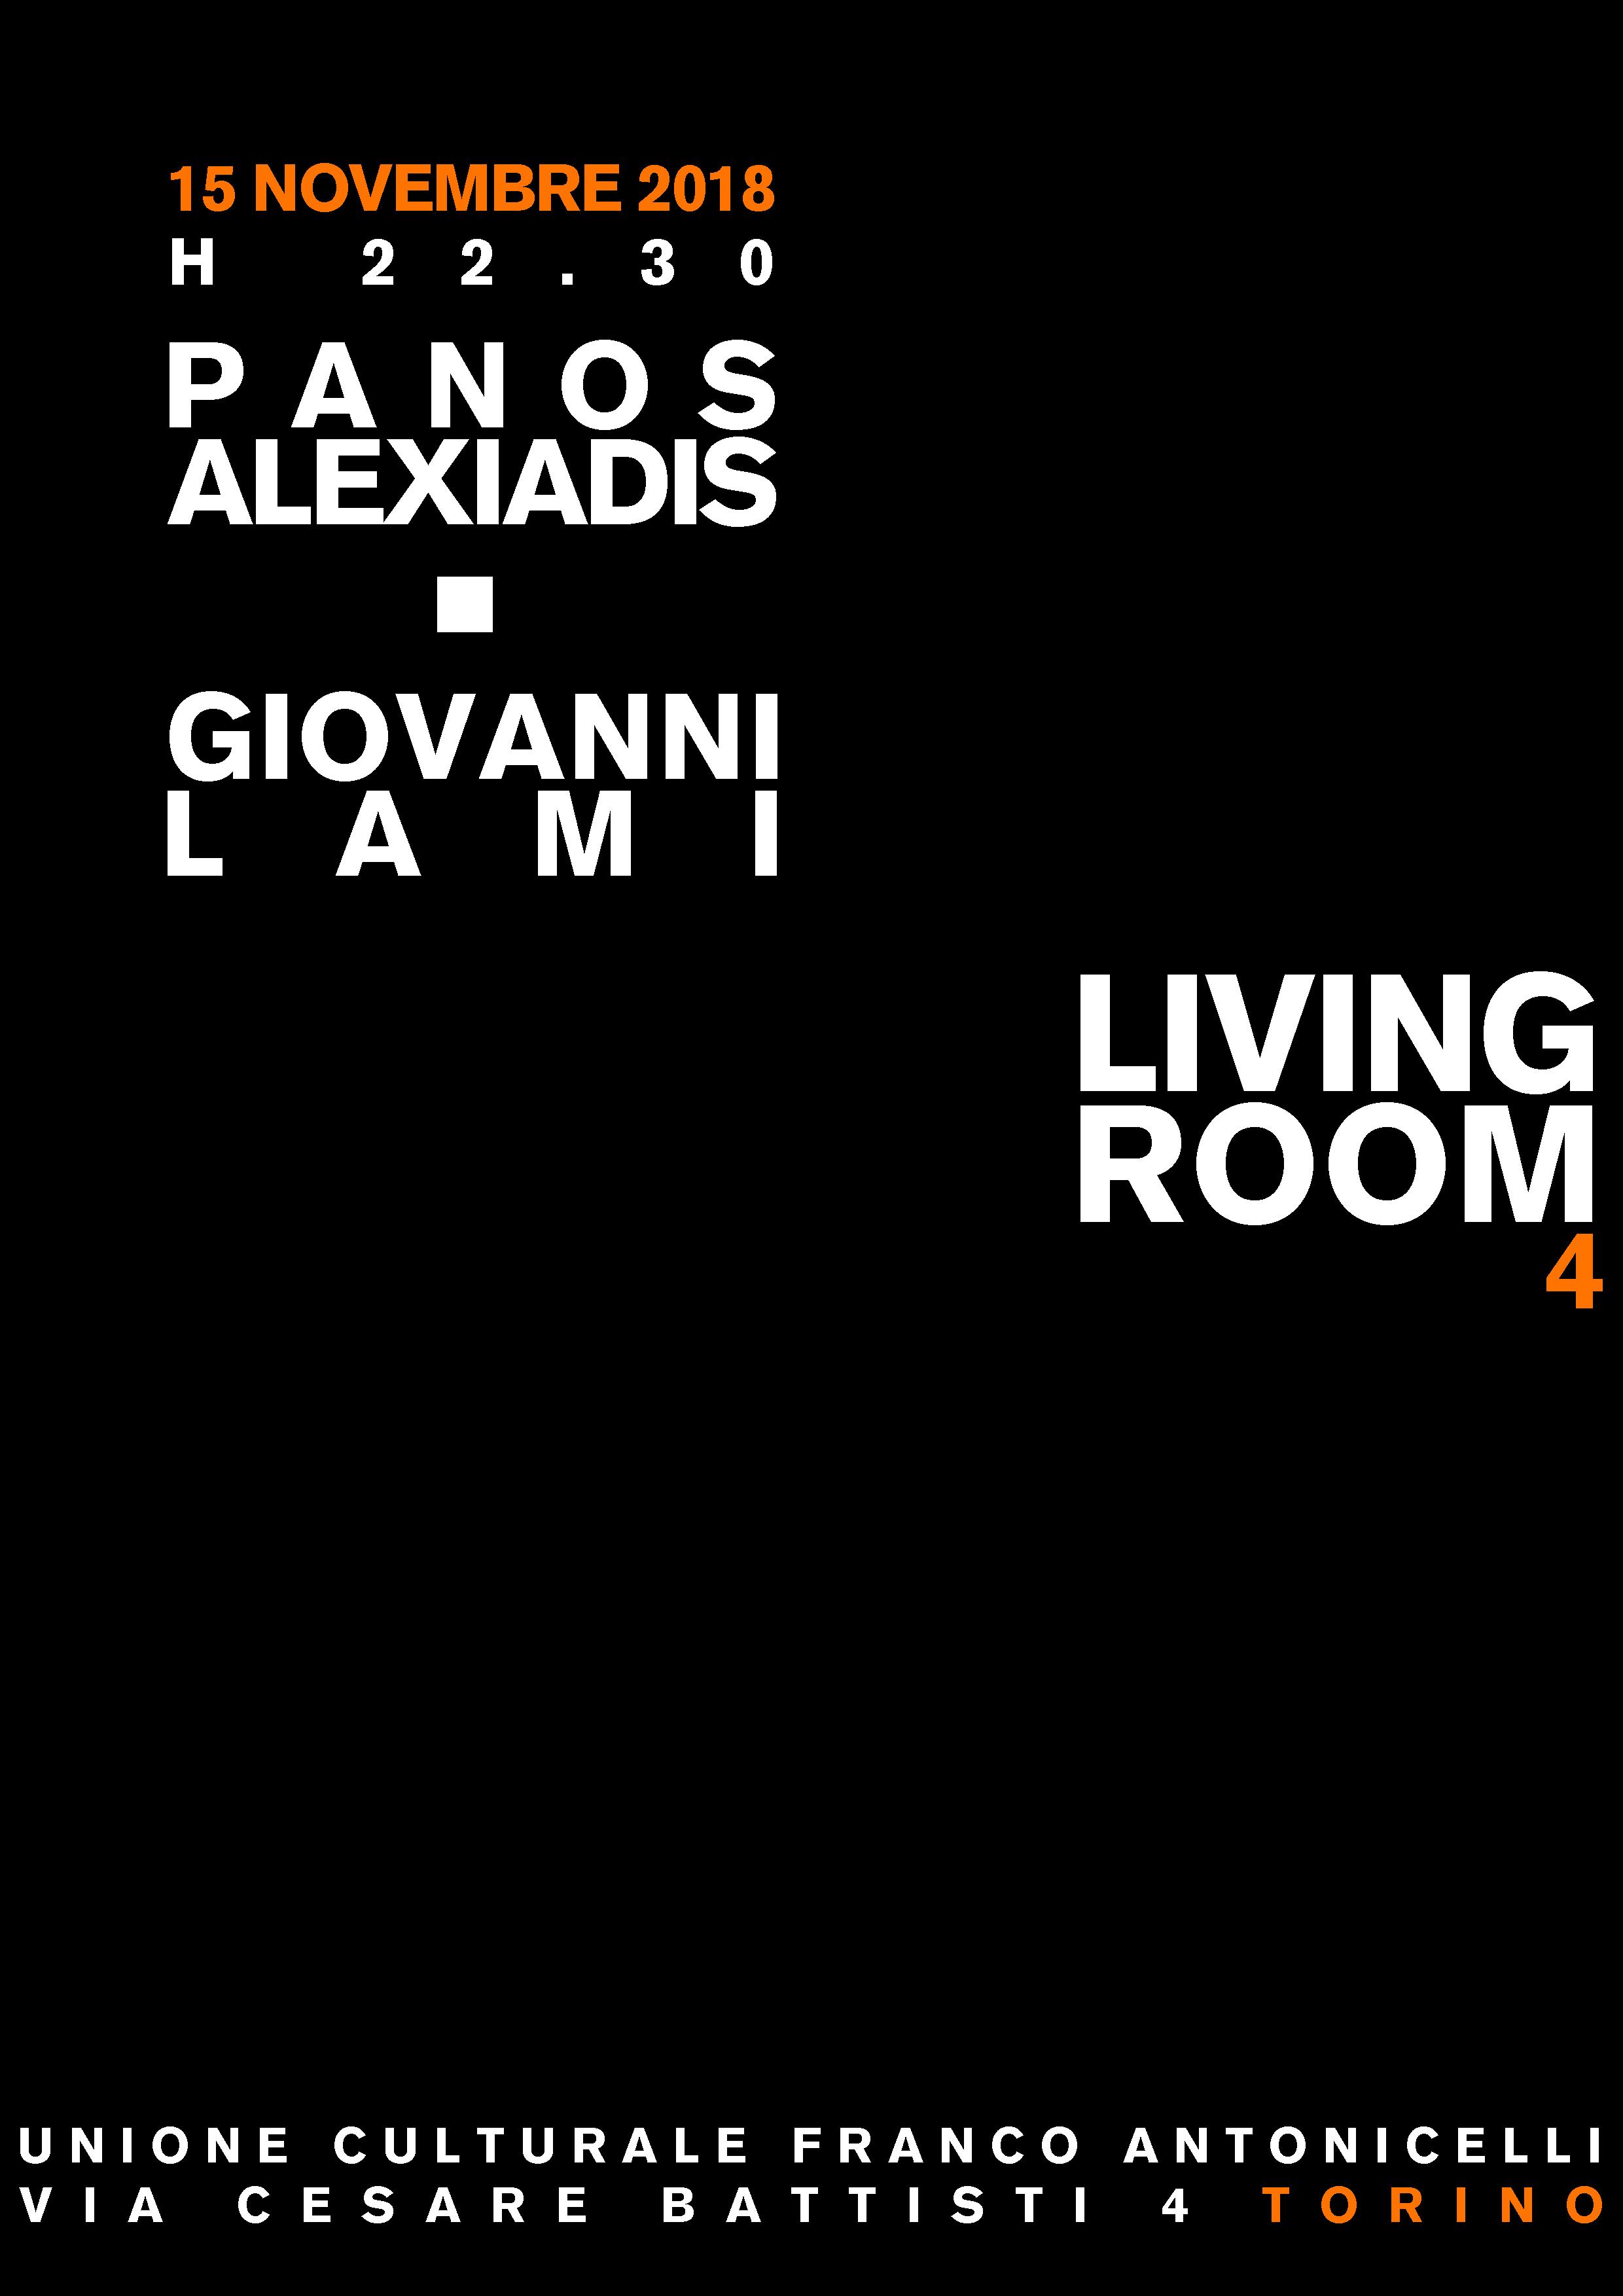 locandina room 4